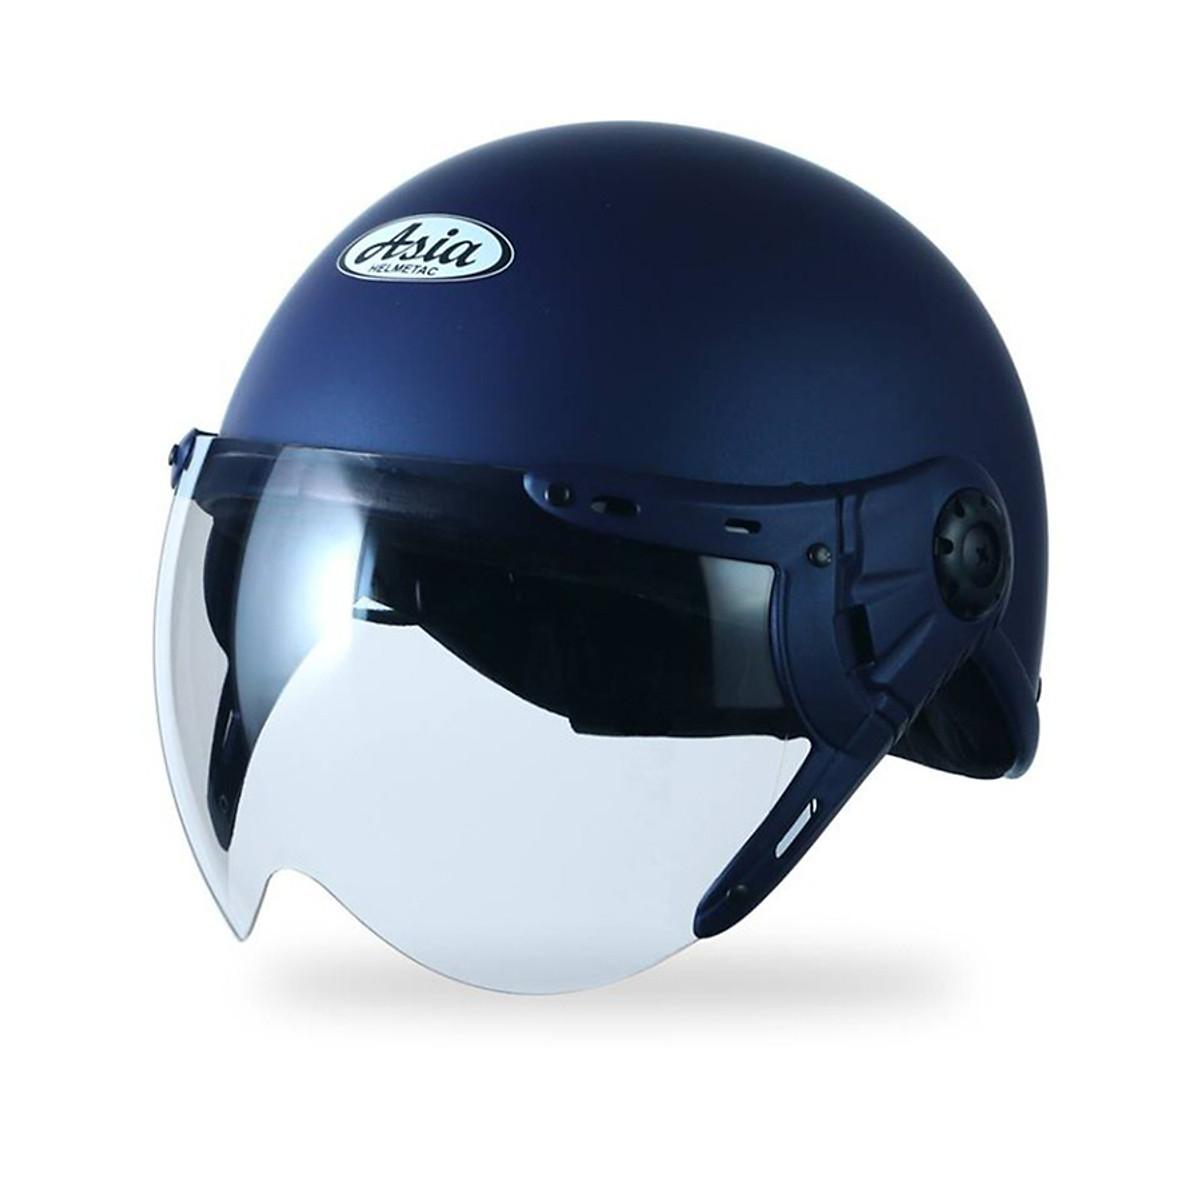 mũ bảo hiểm tốt và hợp thời trang nhất